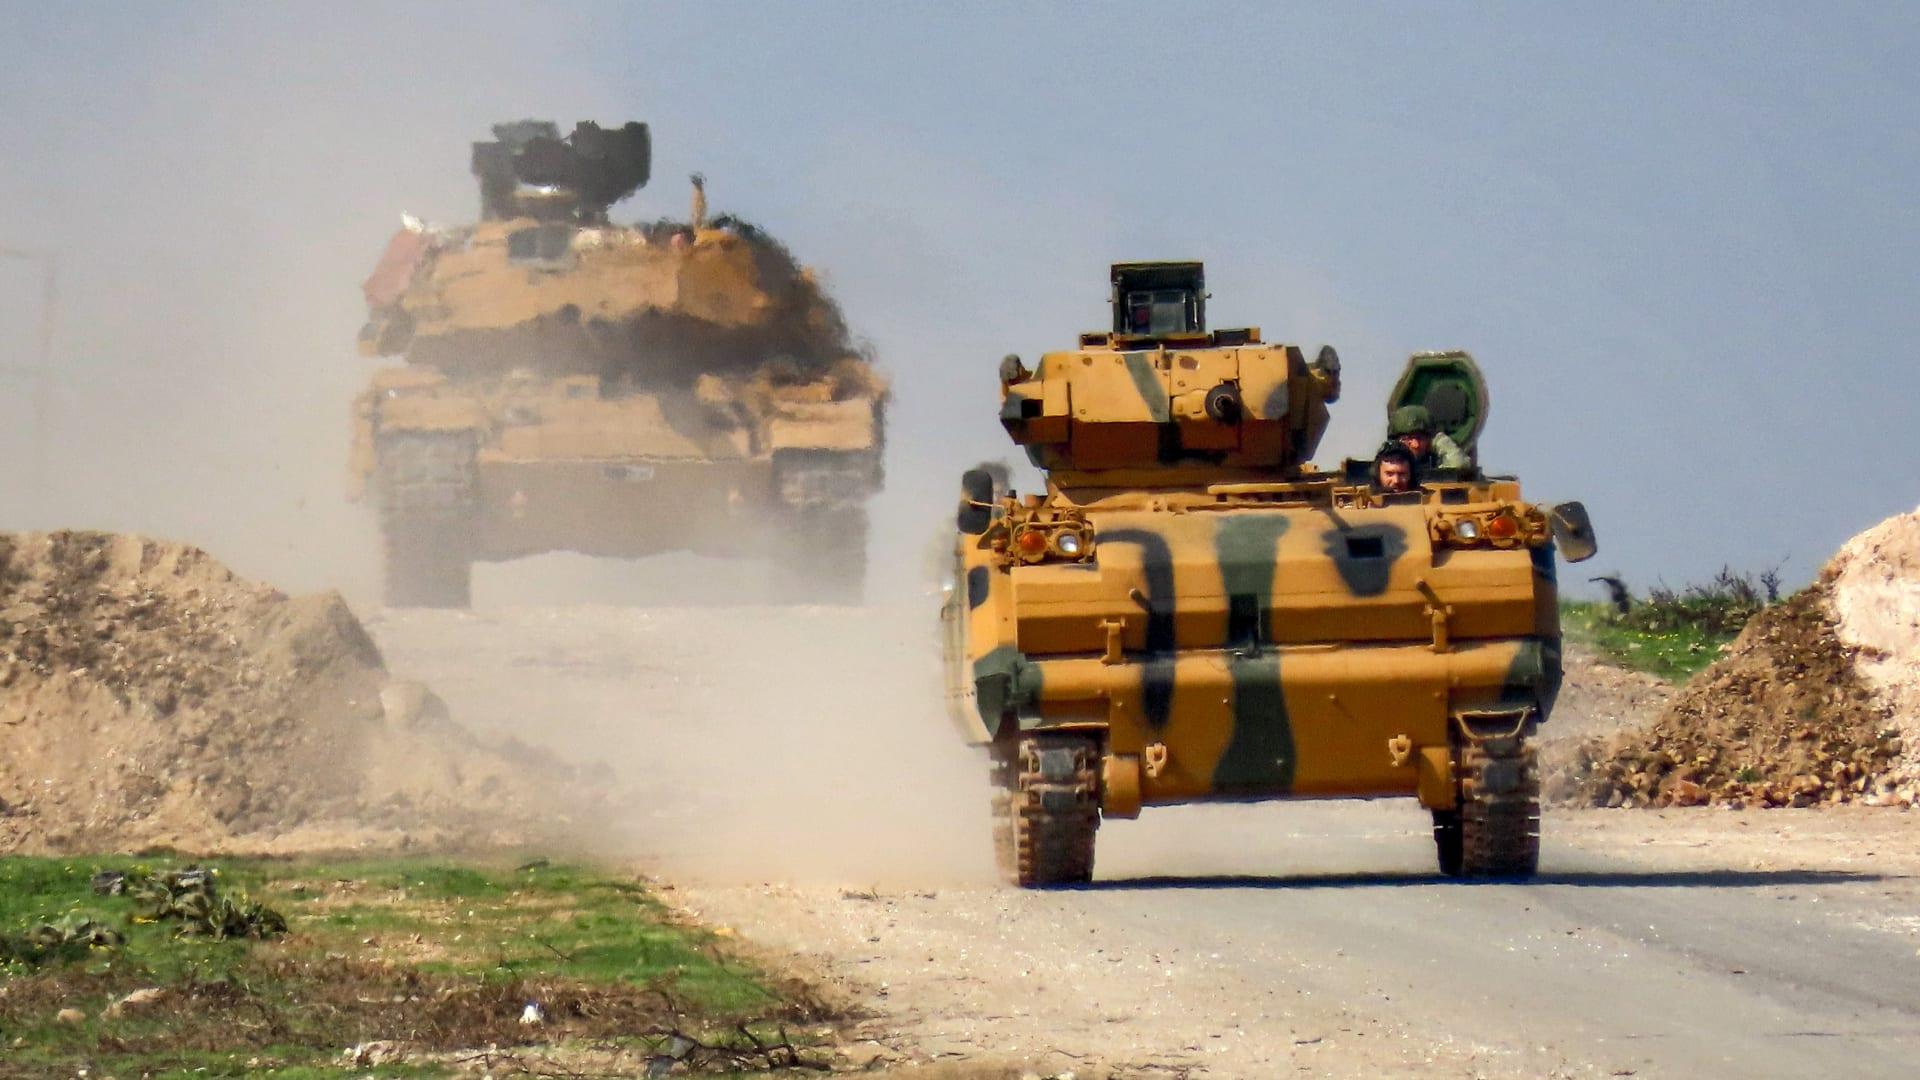 ماذا تتوقع الناشطة السورية وعد الخطيب من بايدن؟ ومتى يمكن أن تعود لسوريا؟